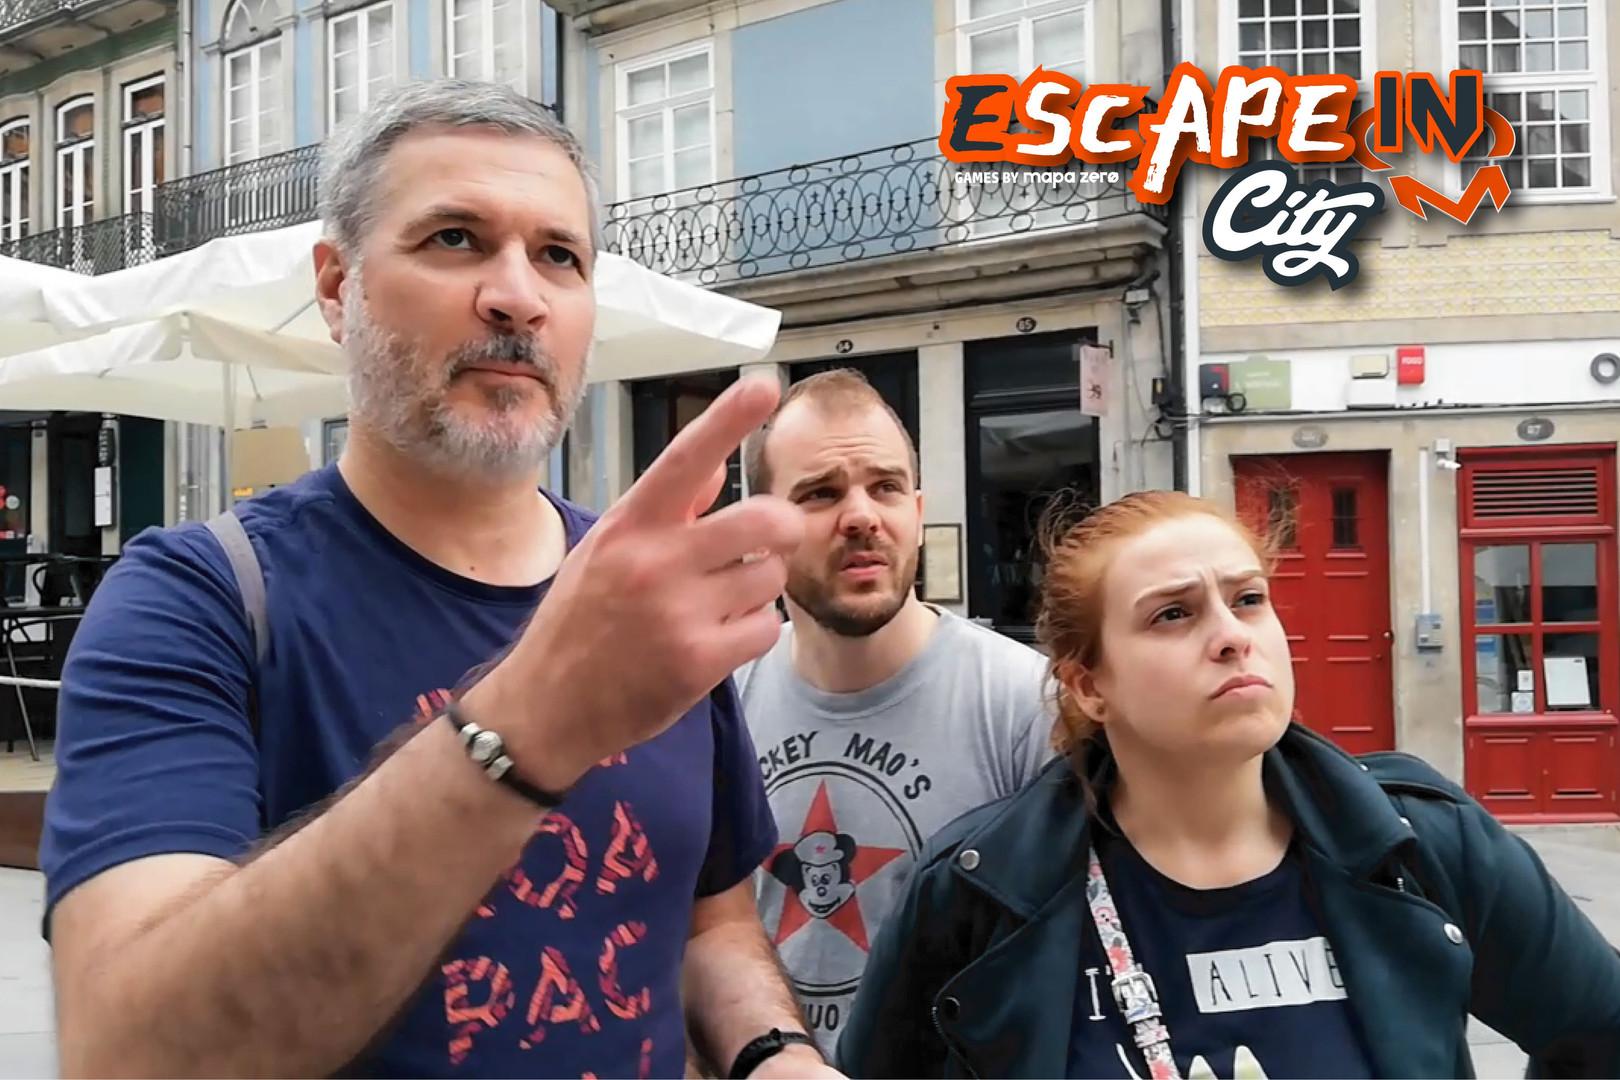 Escape in City (10).jpg